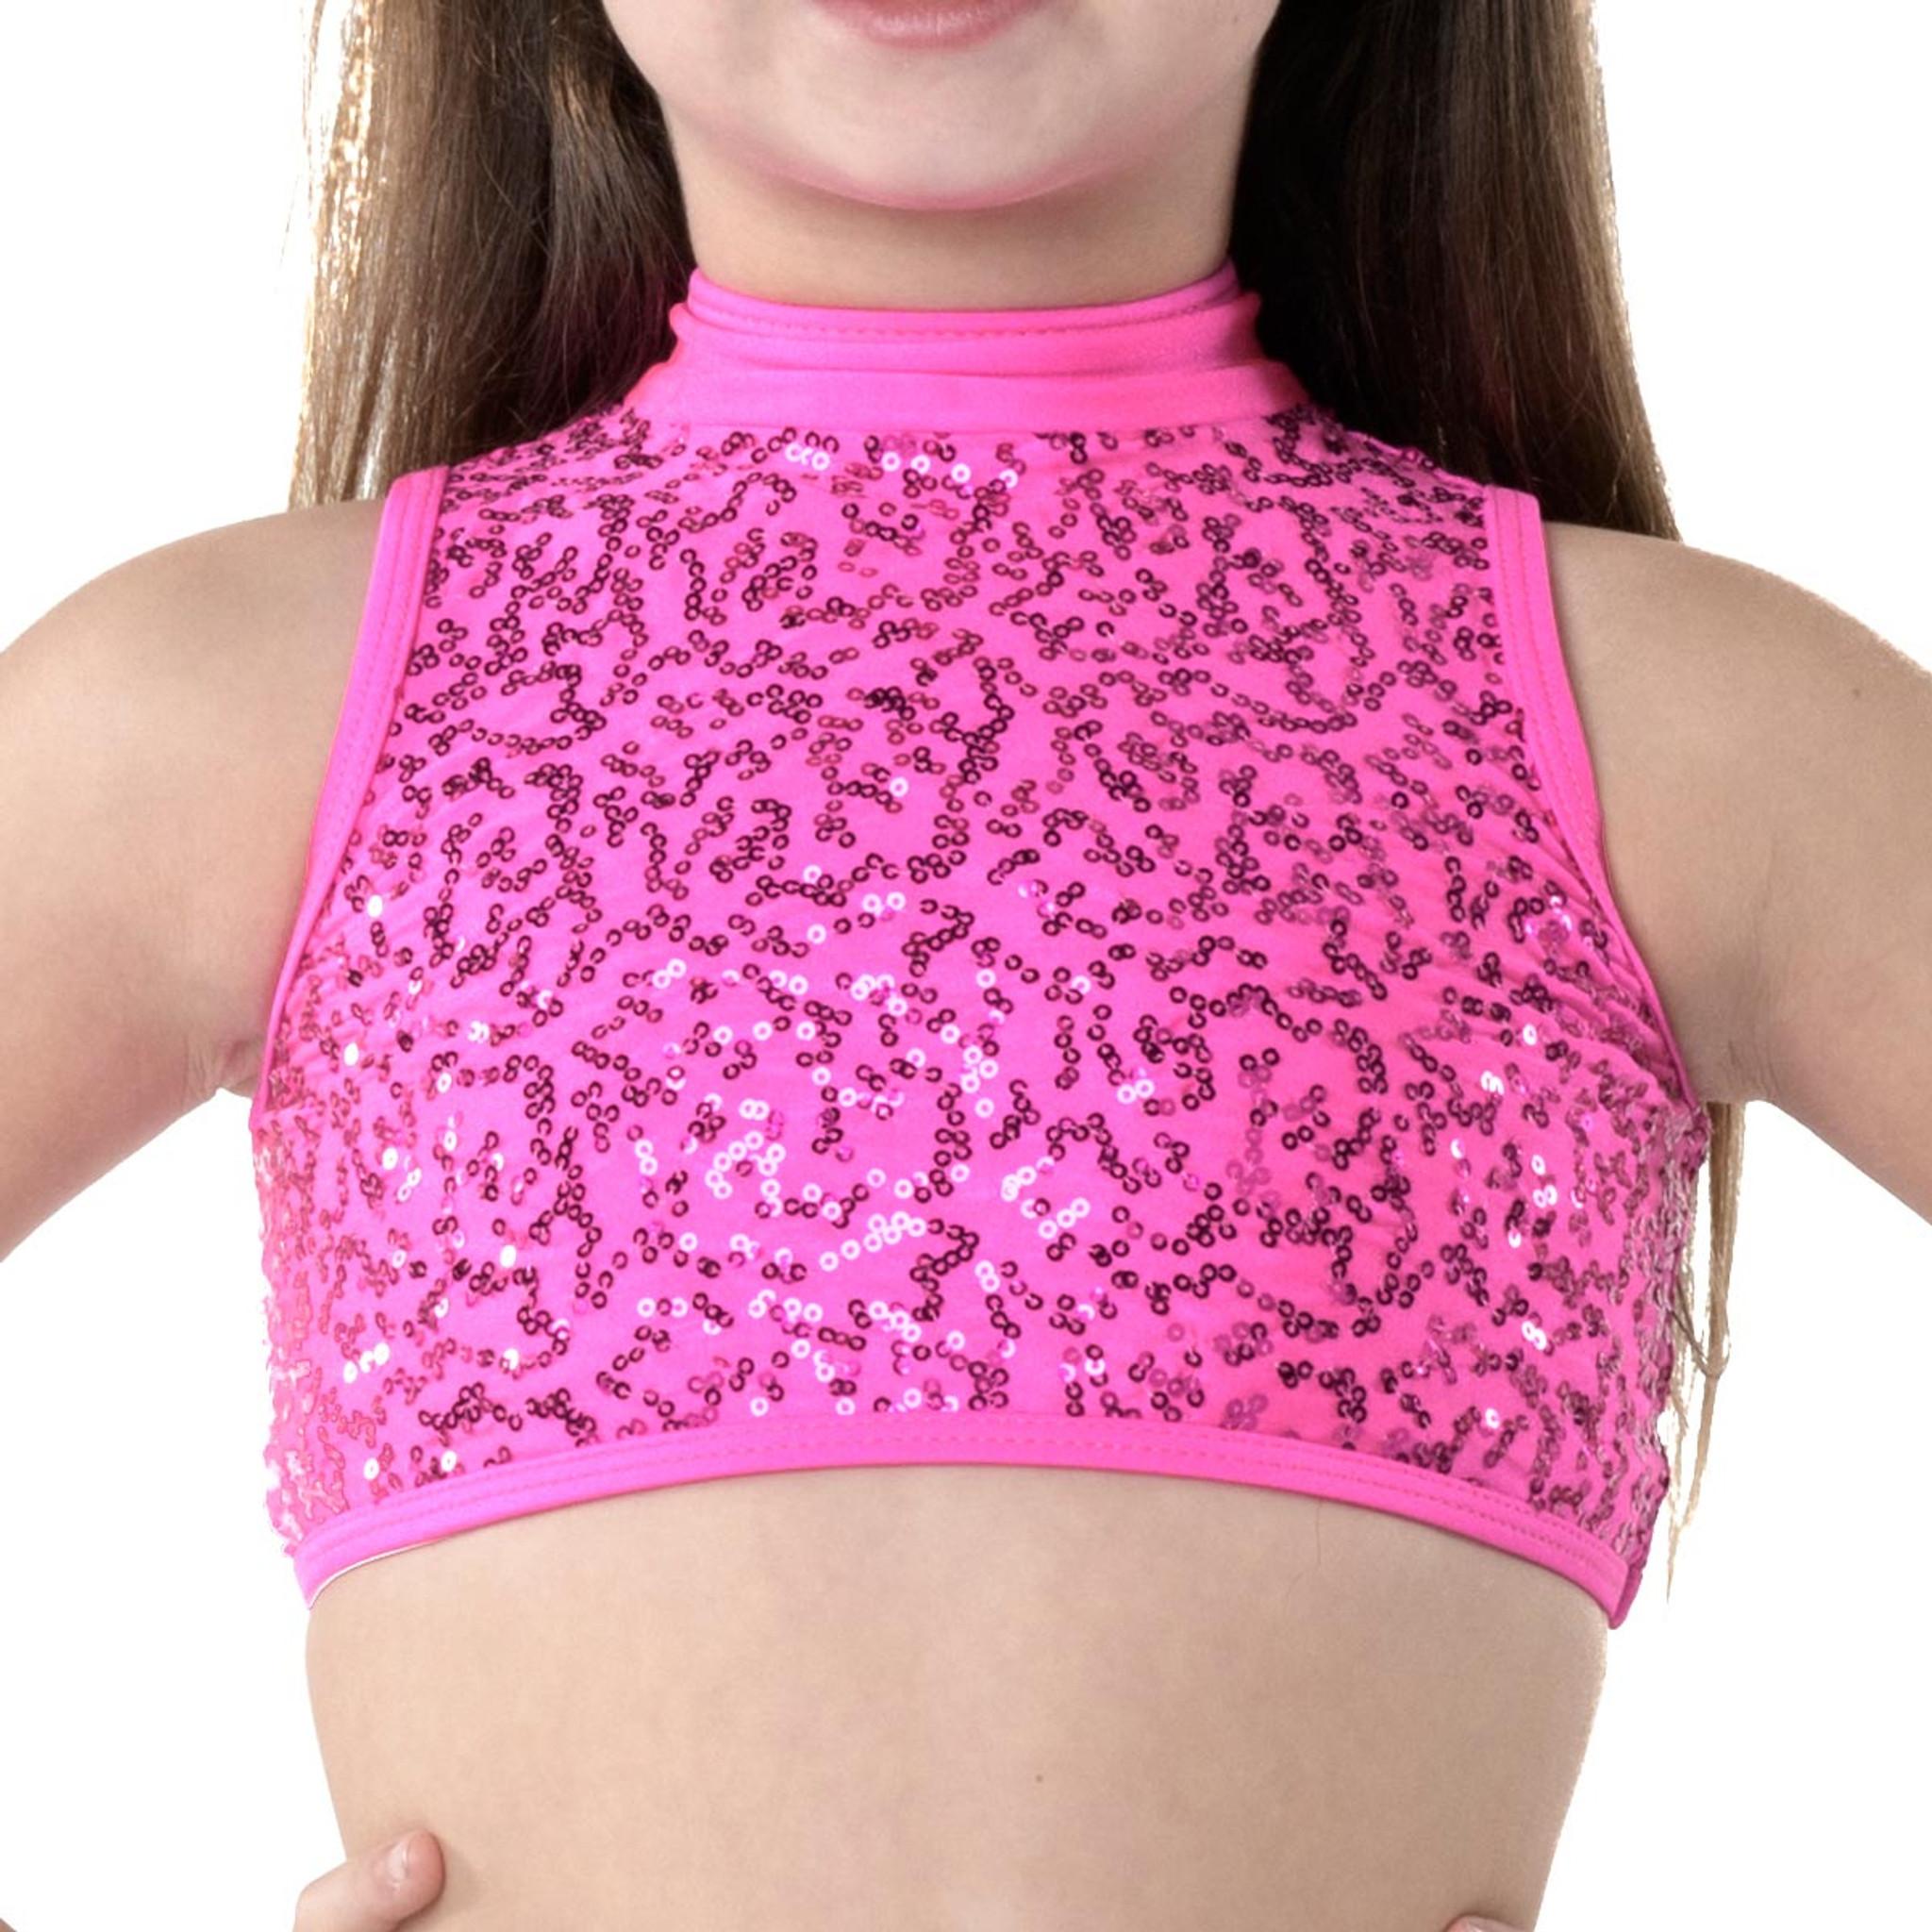 Studio 7 Dancewear Cabaret Crop Top - Girls Dance Tops